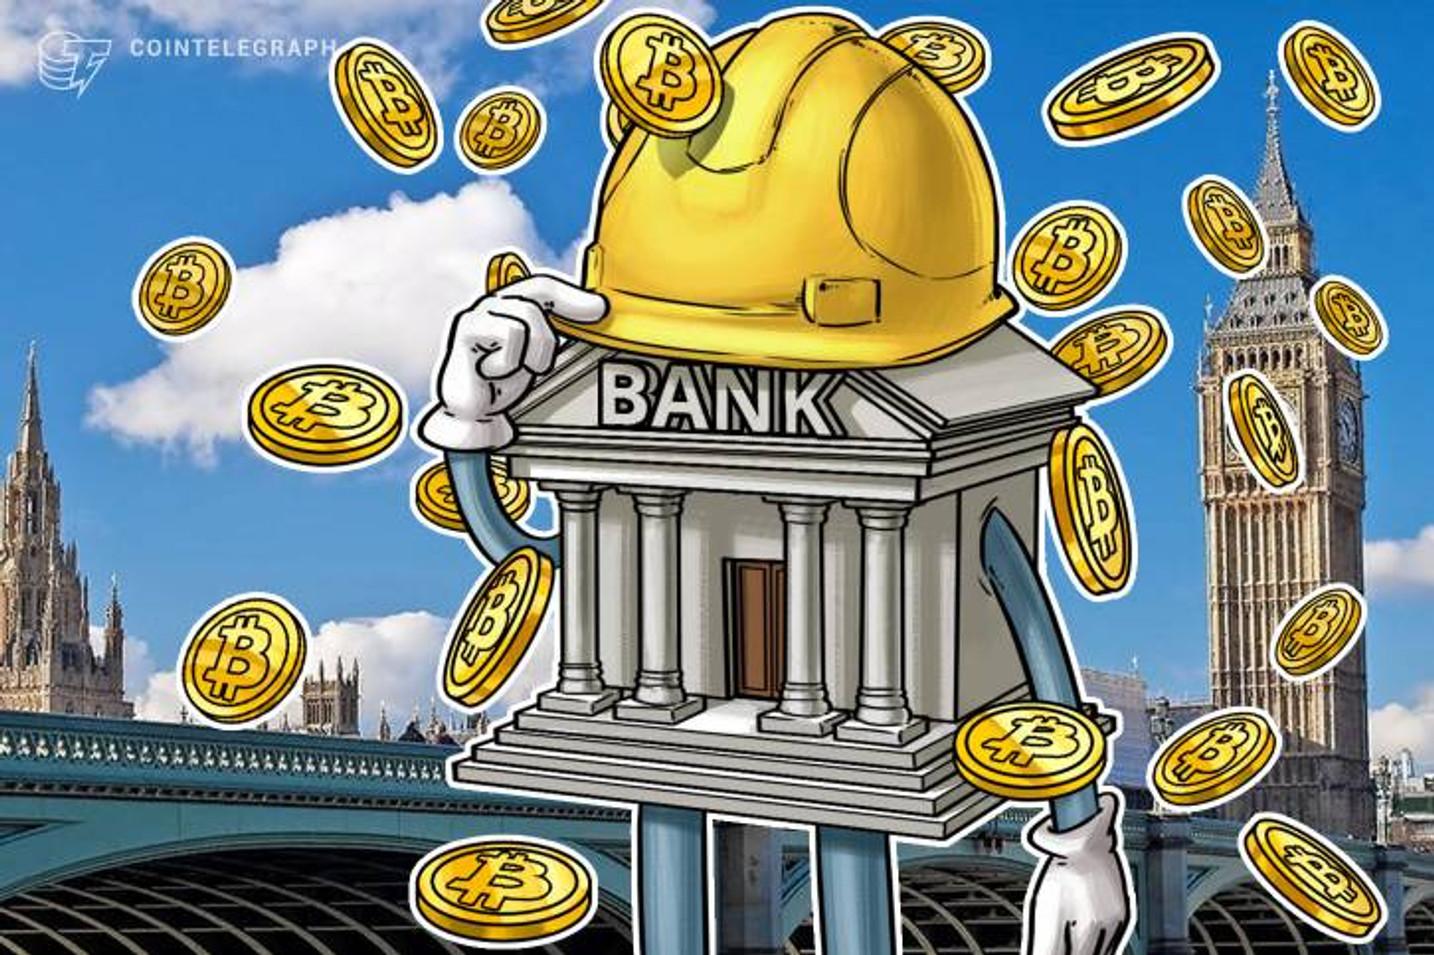 Il direttore della Bank of England si è definito aperto all'idea di una CBDC